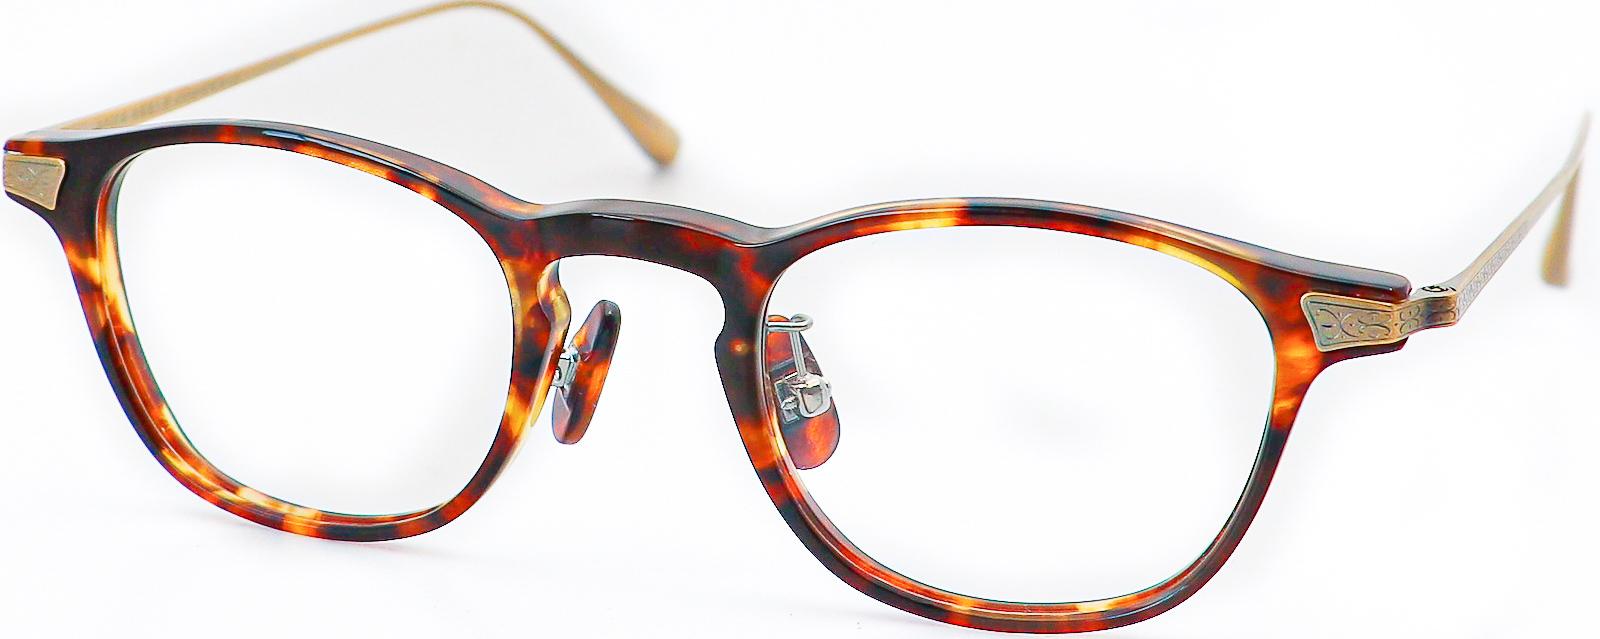 眼鏡のカラータイプC-2 Tortoise/At-Gold